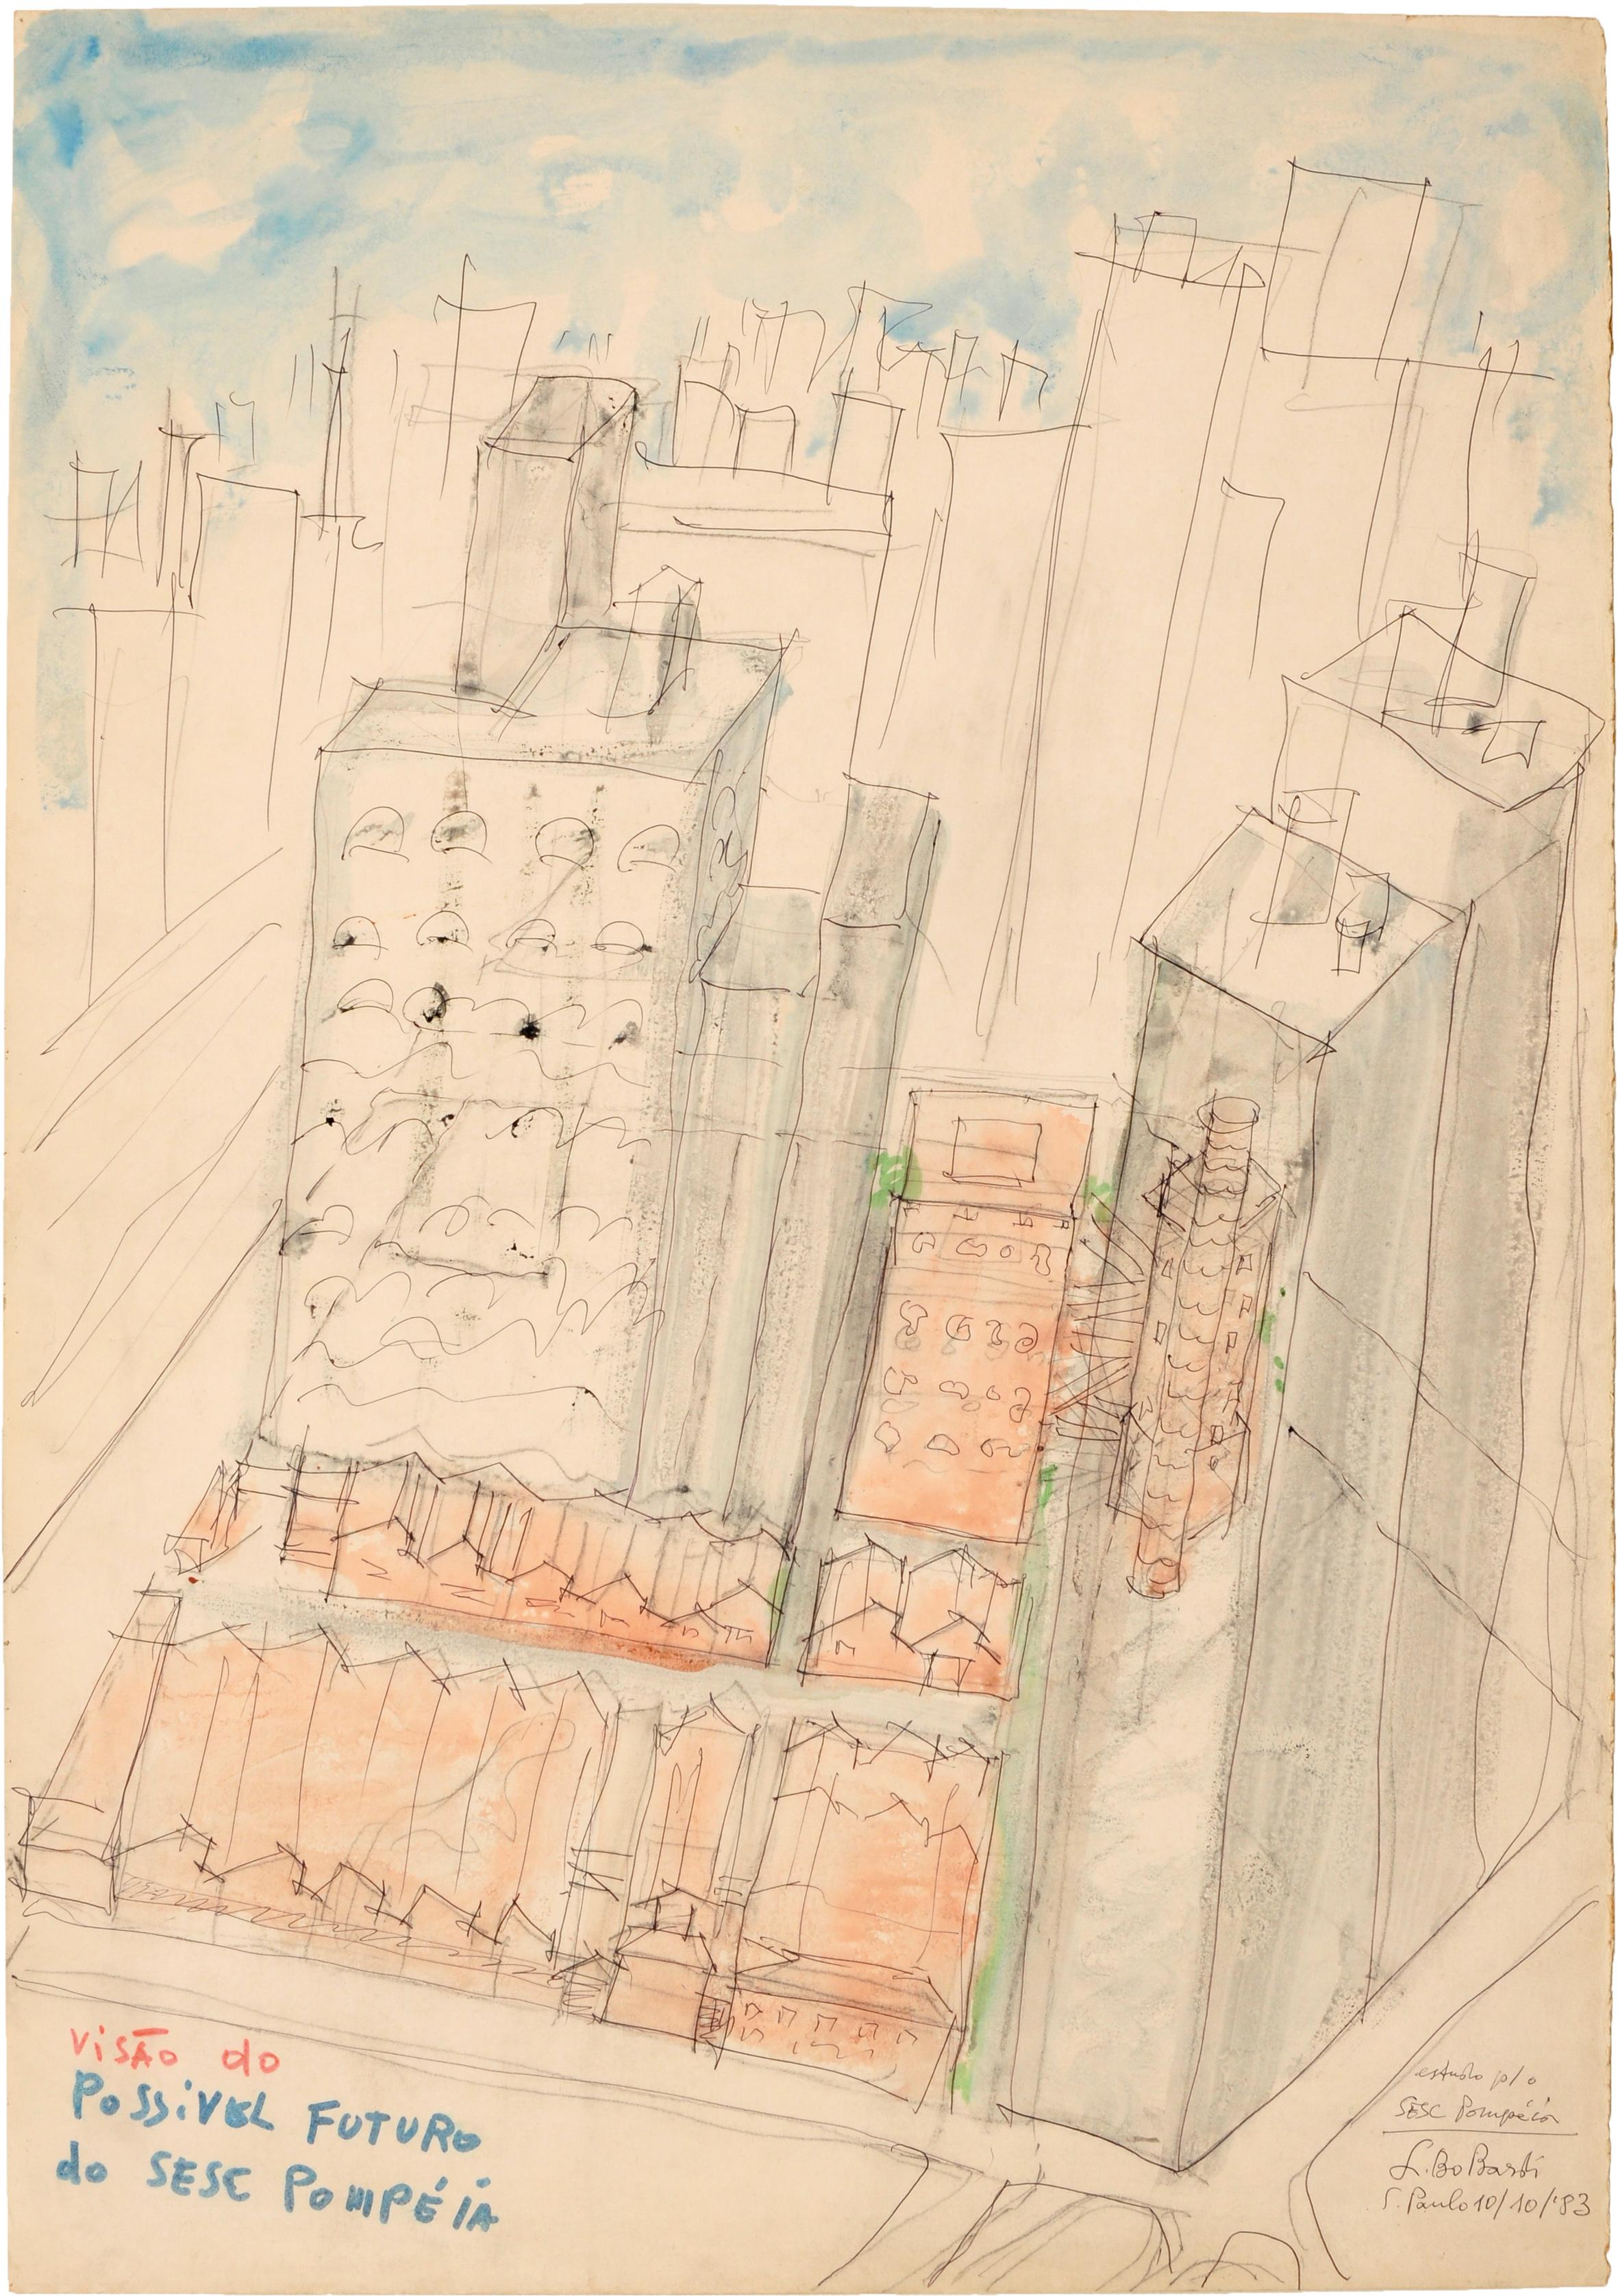 Lageskizze für das SESC – Fabrica da Pompeia São Paulo, rysunek Liny Bo Bardi, 1977 © Arquivo ILBPMB